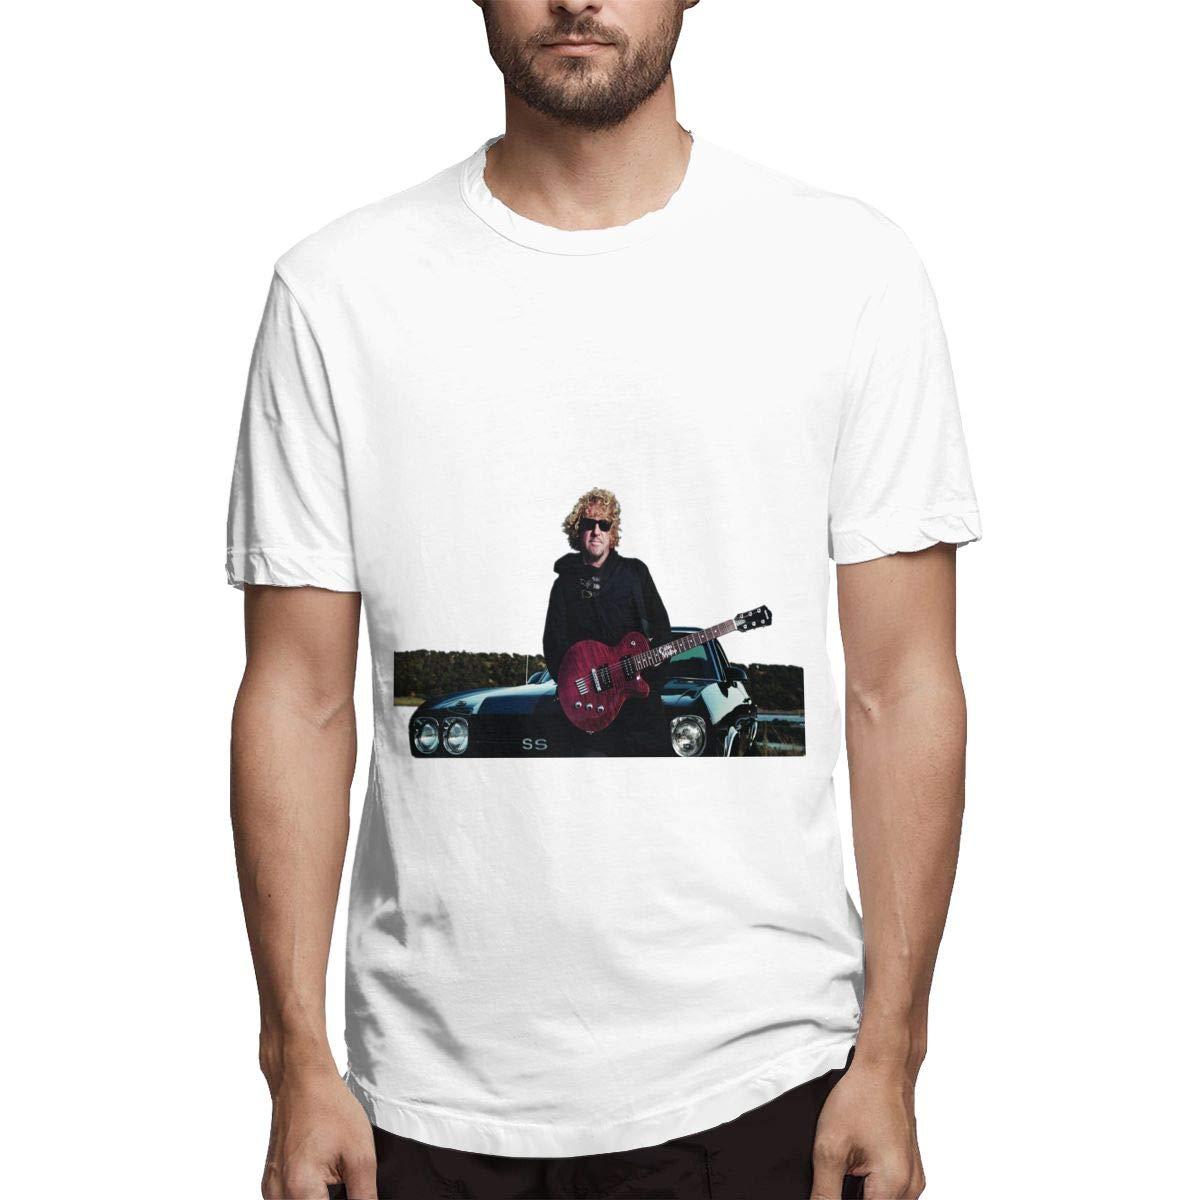 Lihehen Mans Sammy Hagar Simple Casual Round Neck Ts Shirts